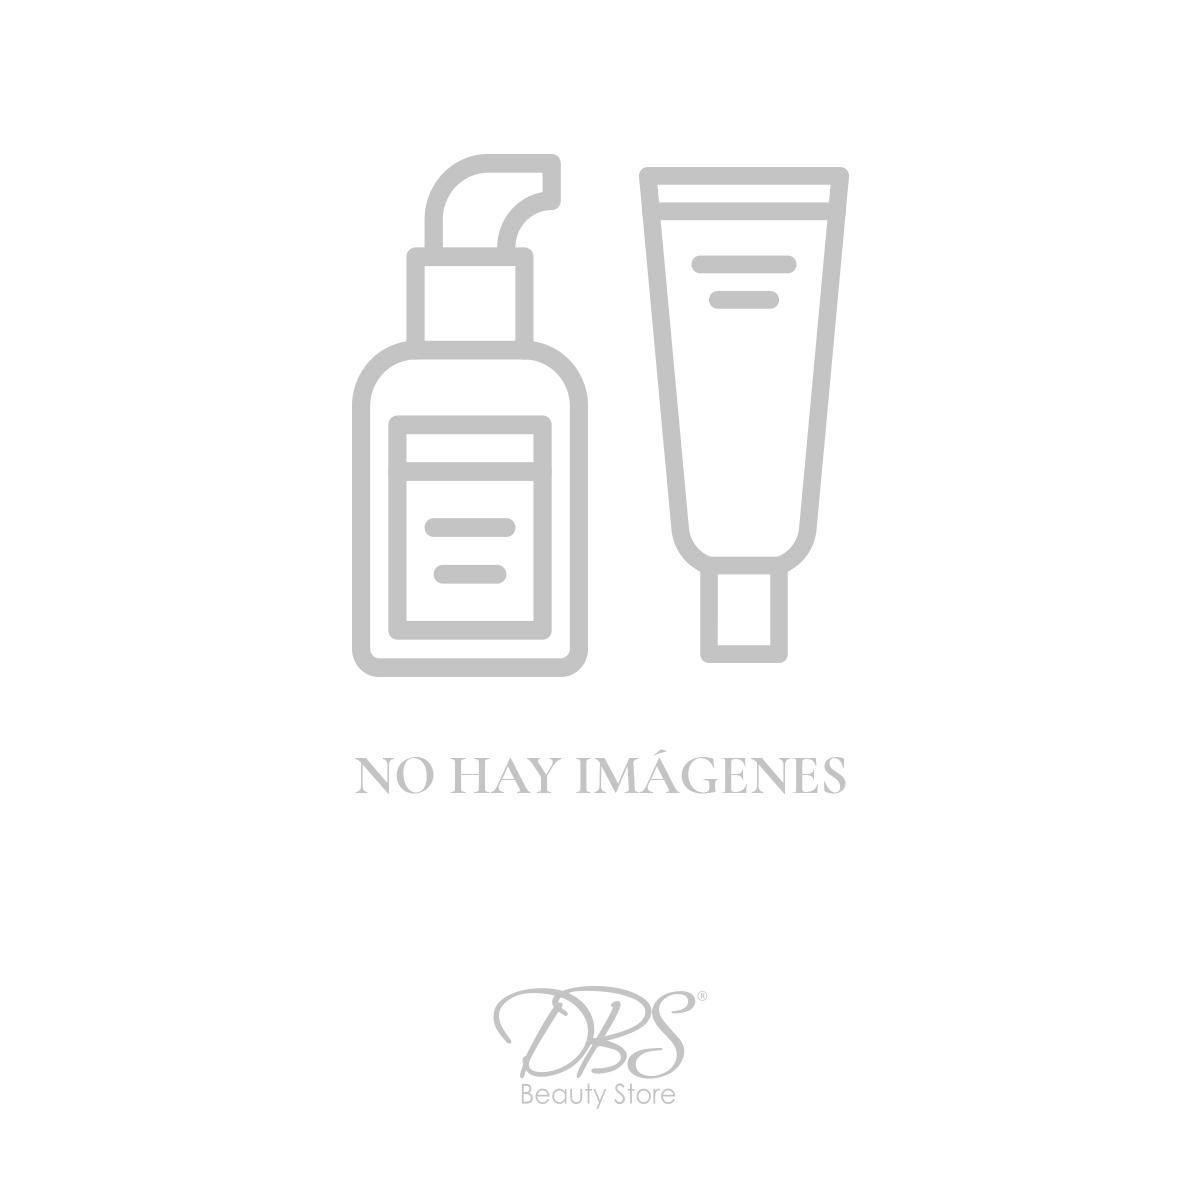 bath-and-body-works-BW-03213.jpg